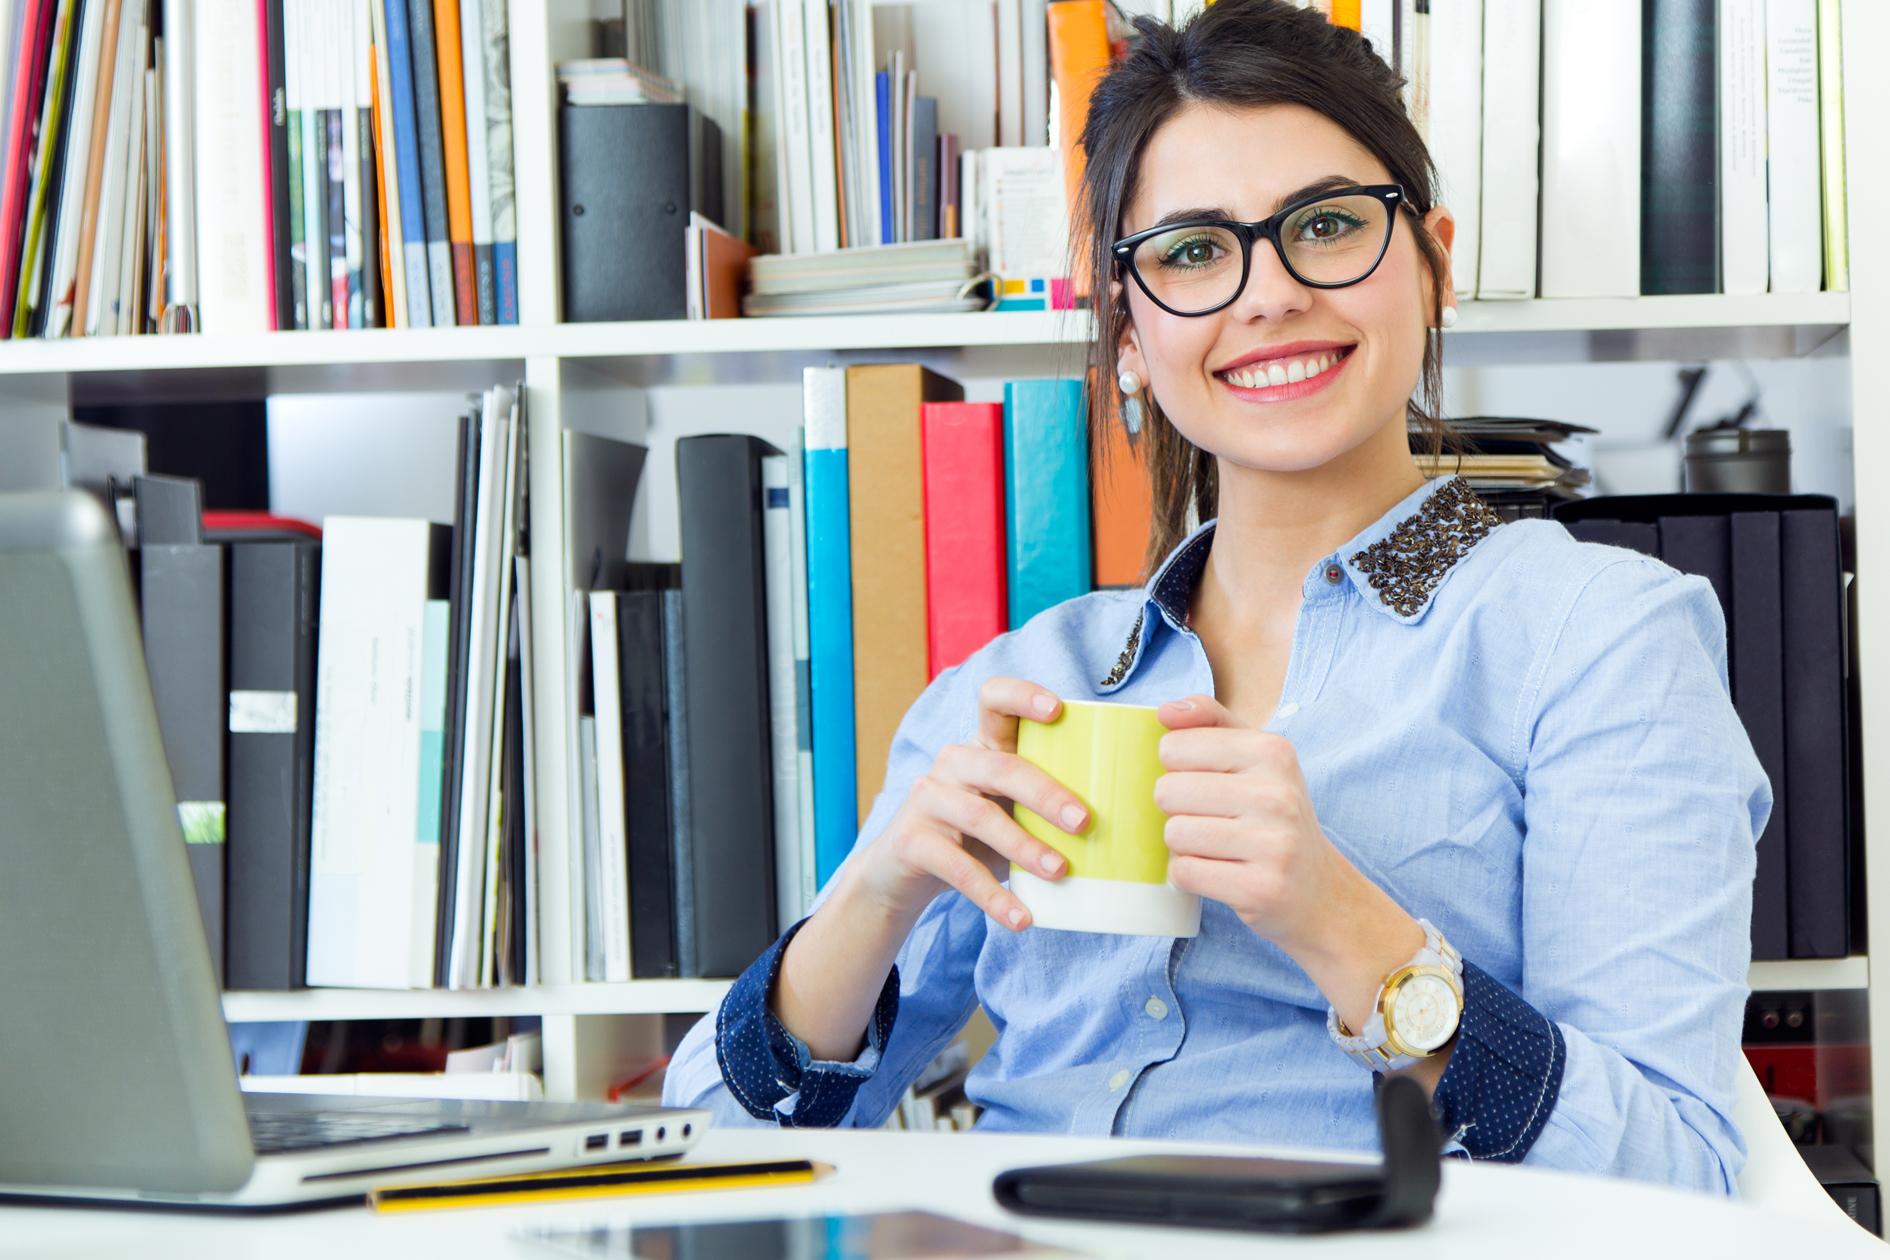 Plano de saúde individual: descubra como contratar o melhor plano